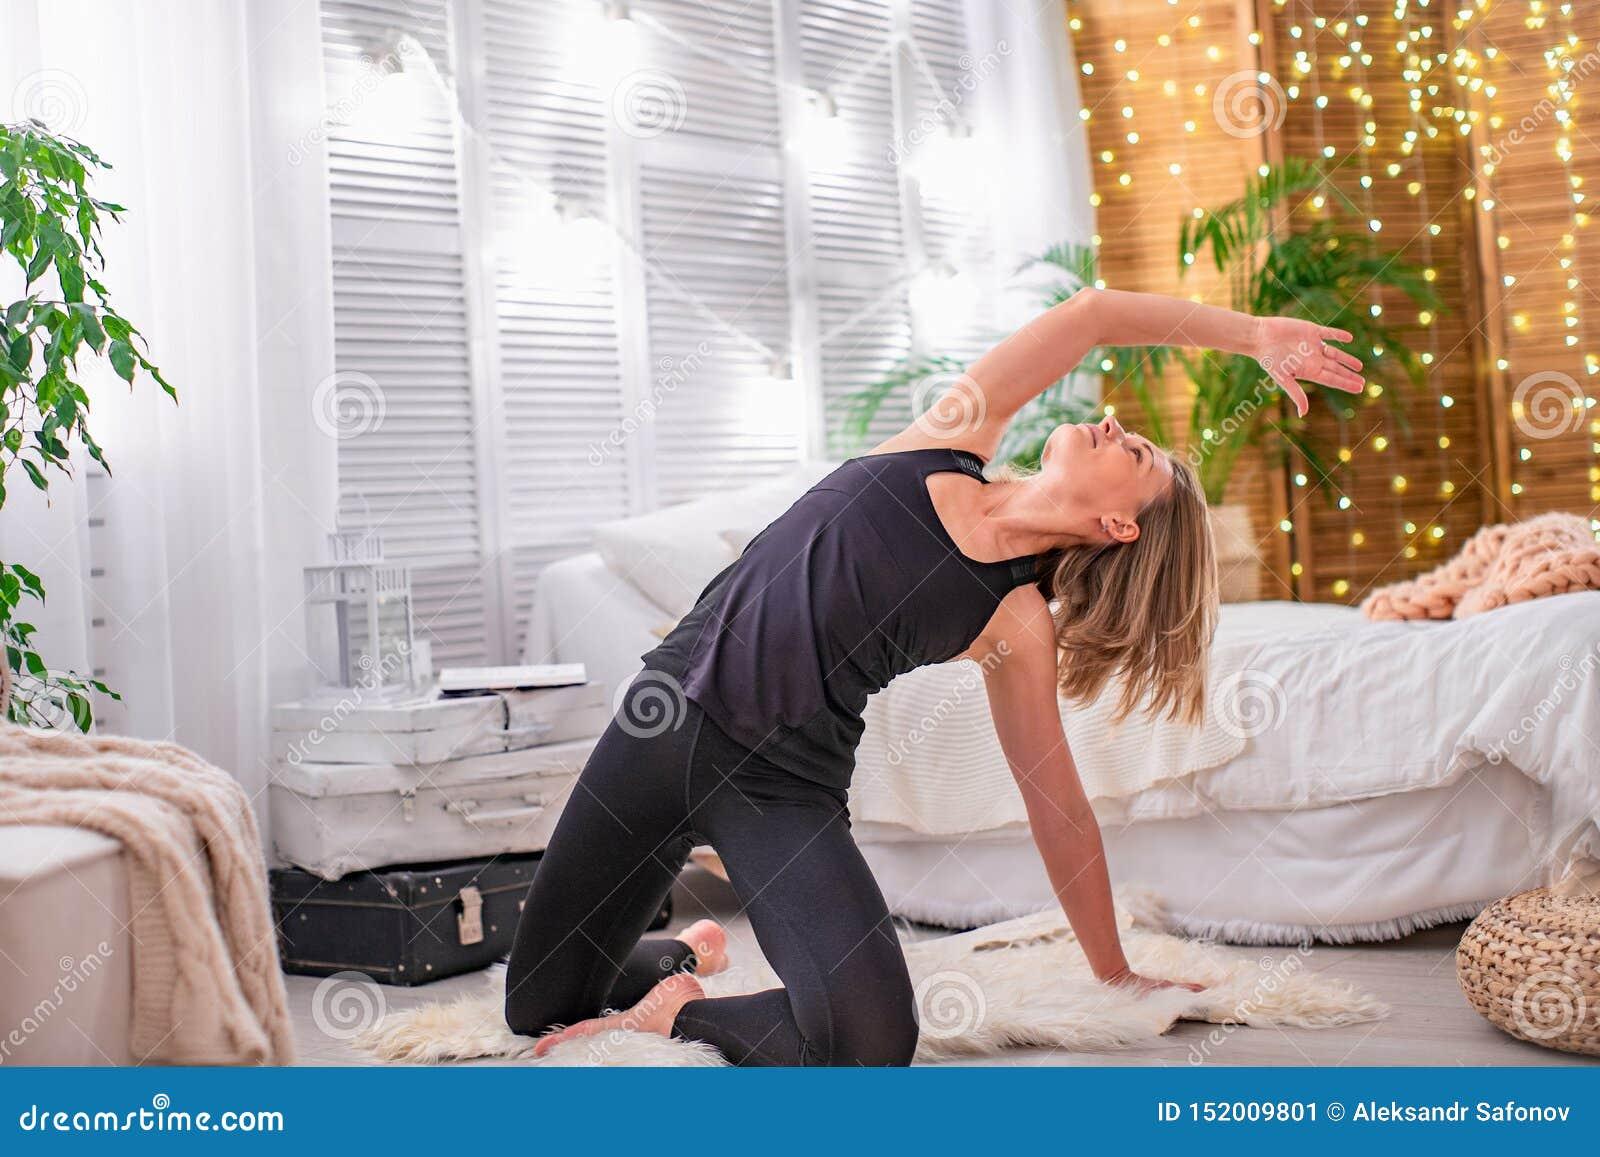 La belle jeune femme blonde, étirant les muscles de ses bras et de retour, exécute des exercices gymnastiques à la maison avec le